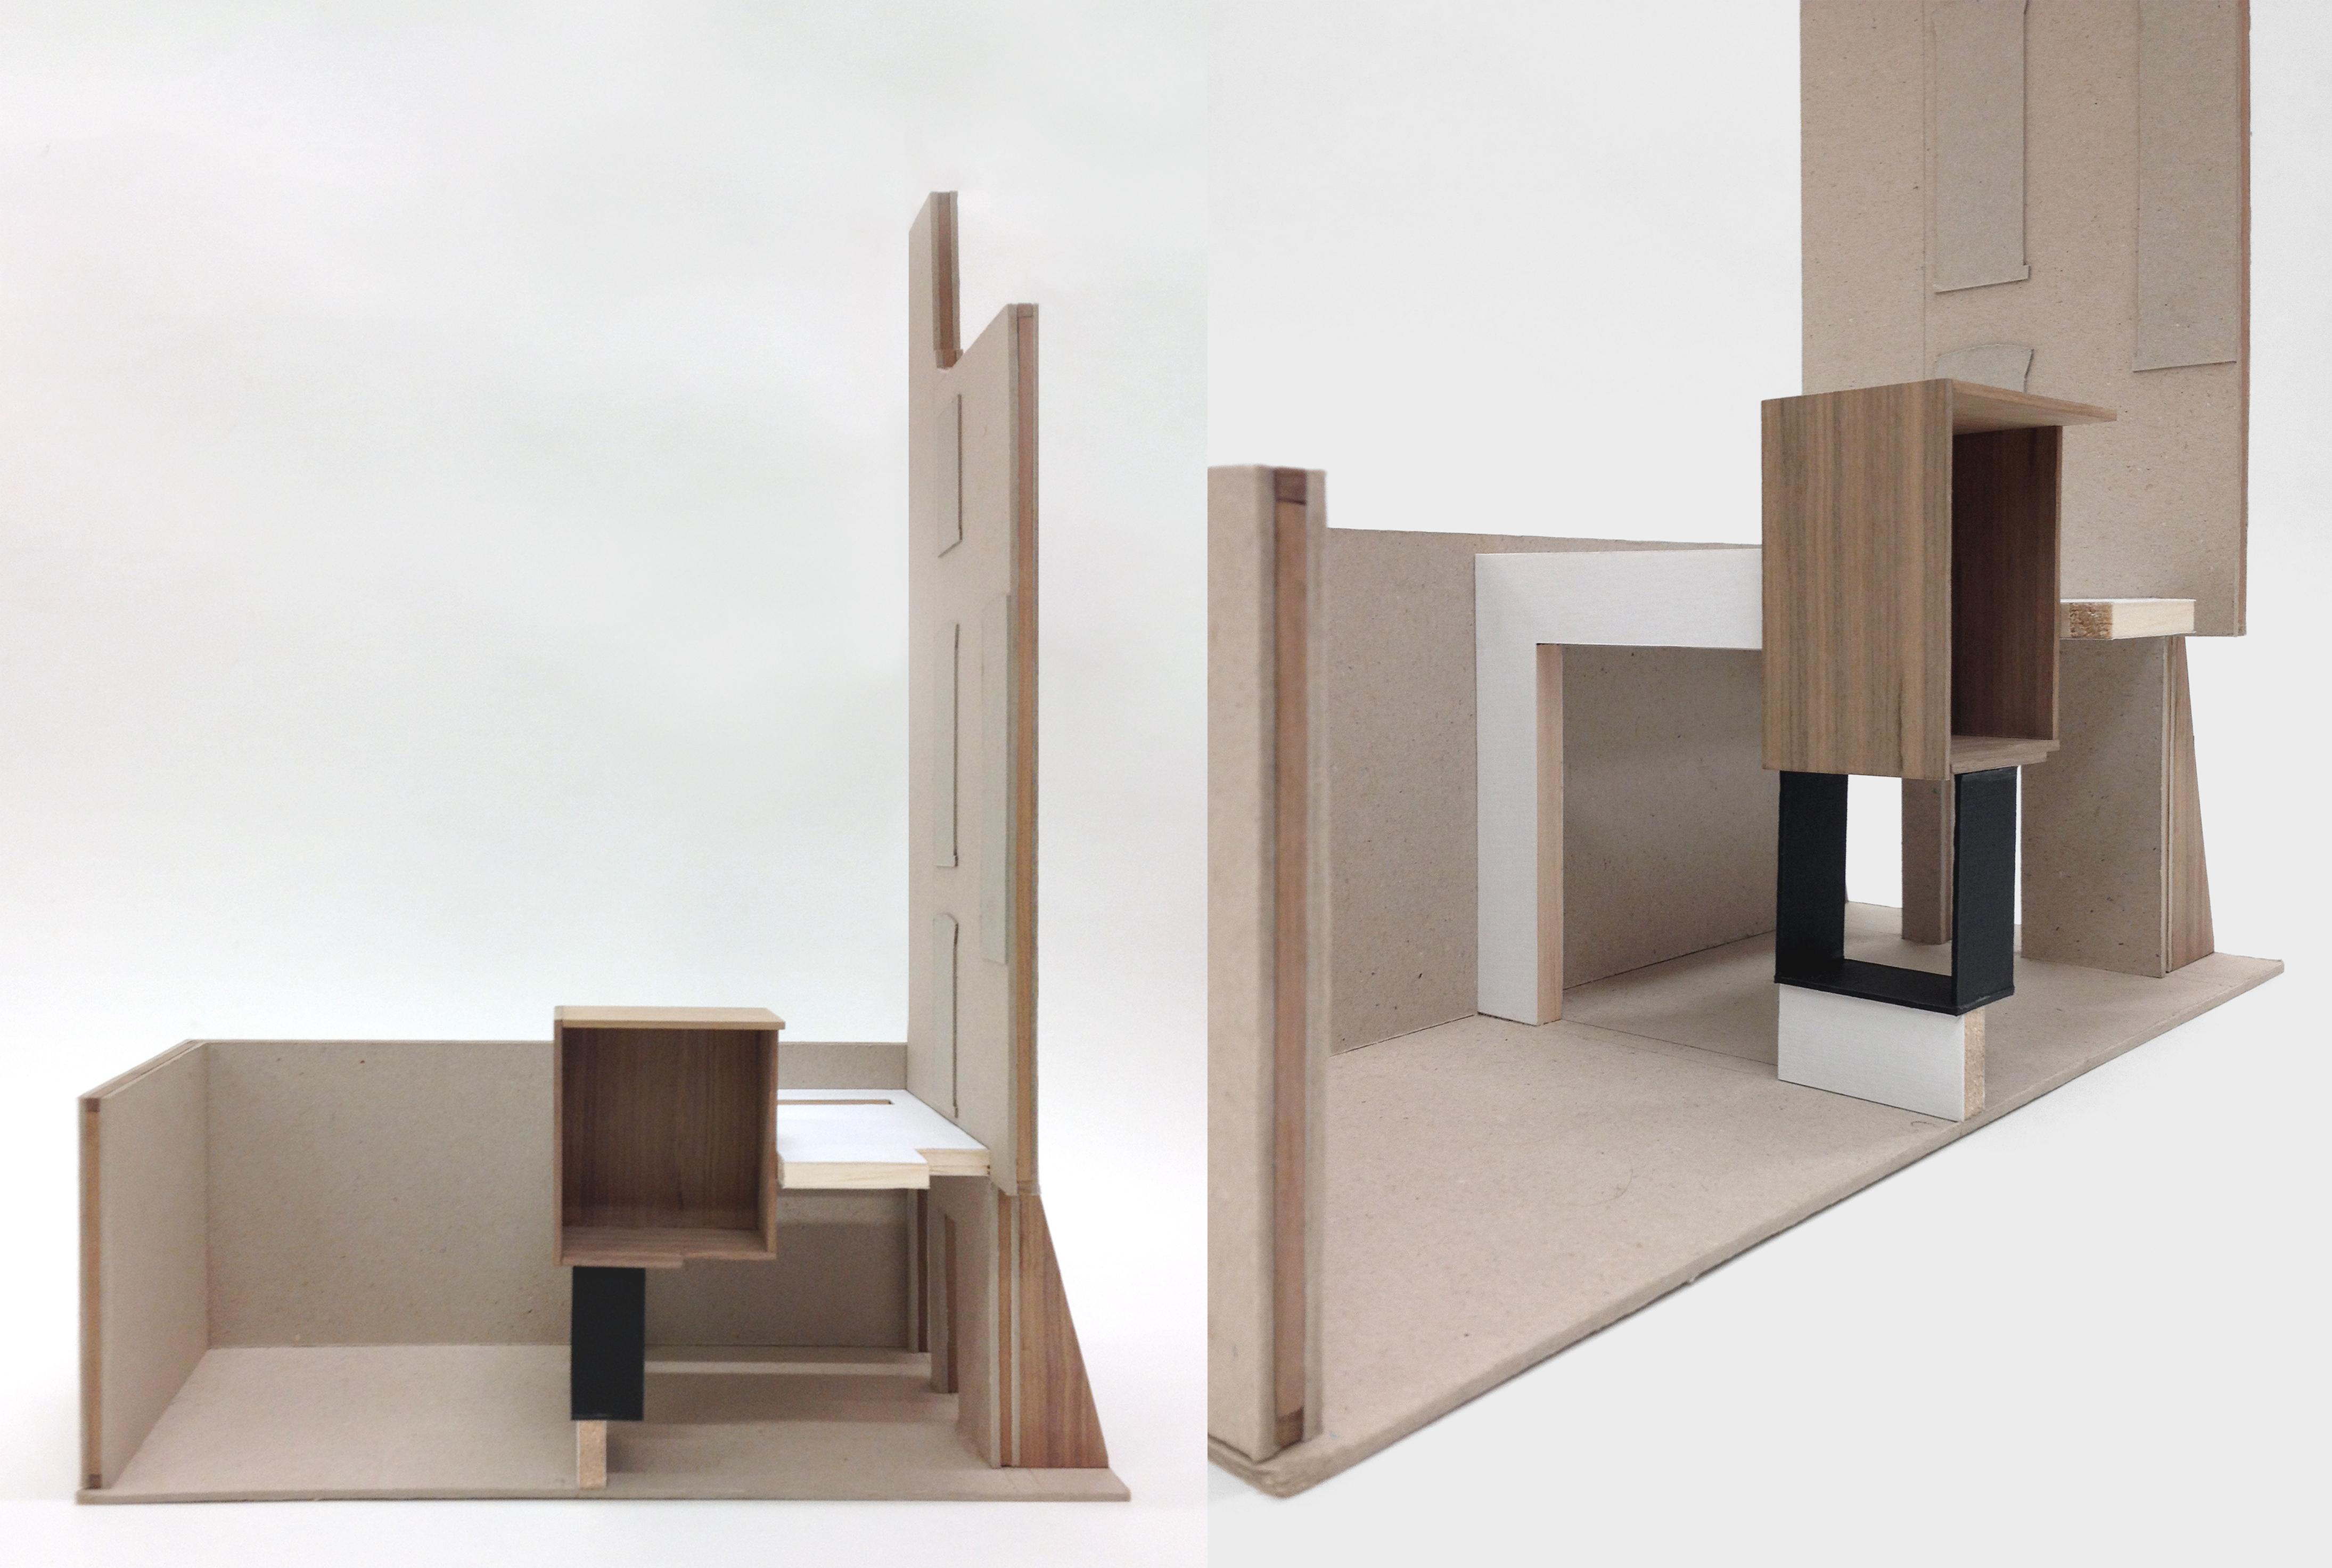 MOLYNEUX box